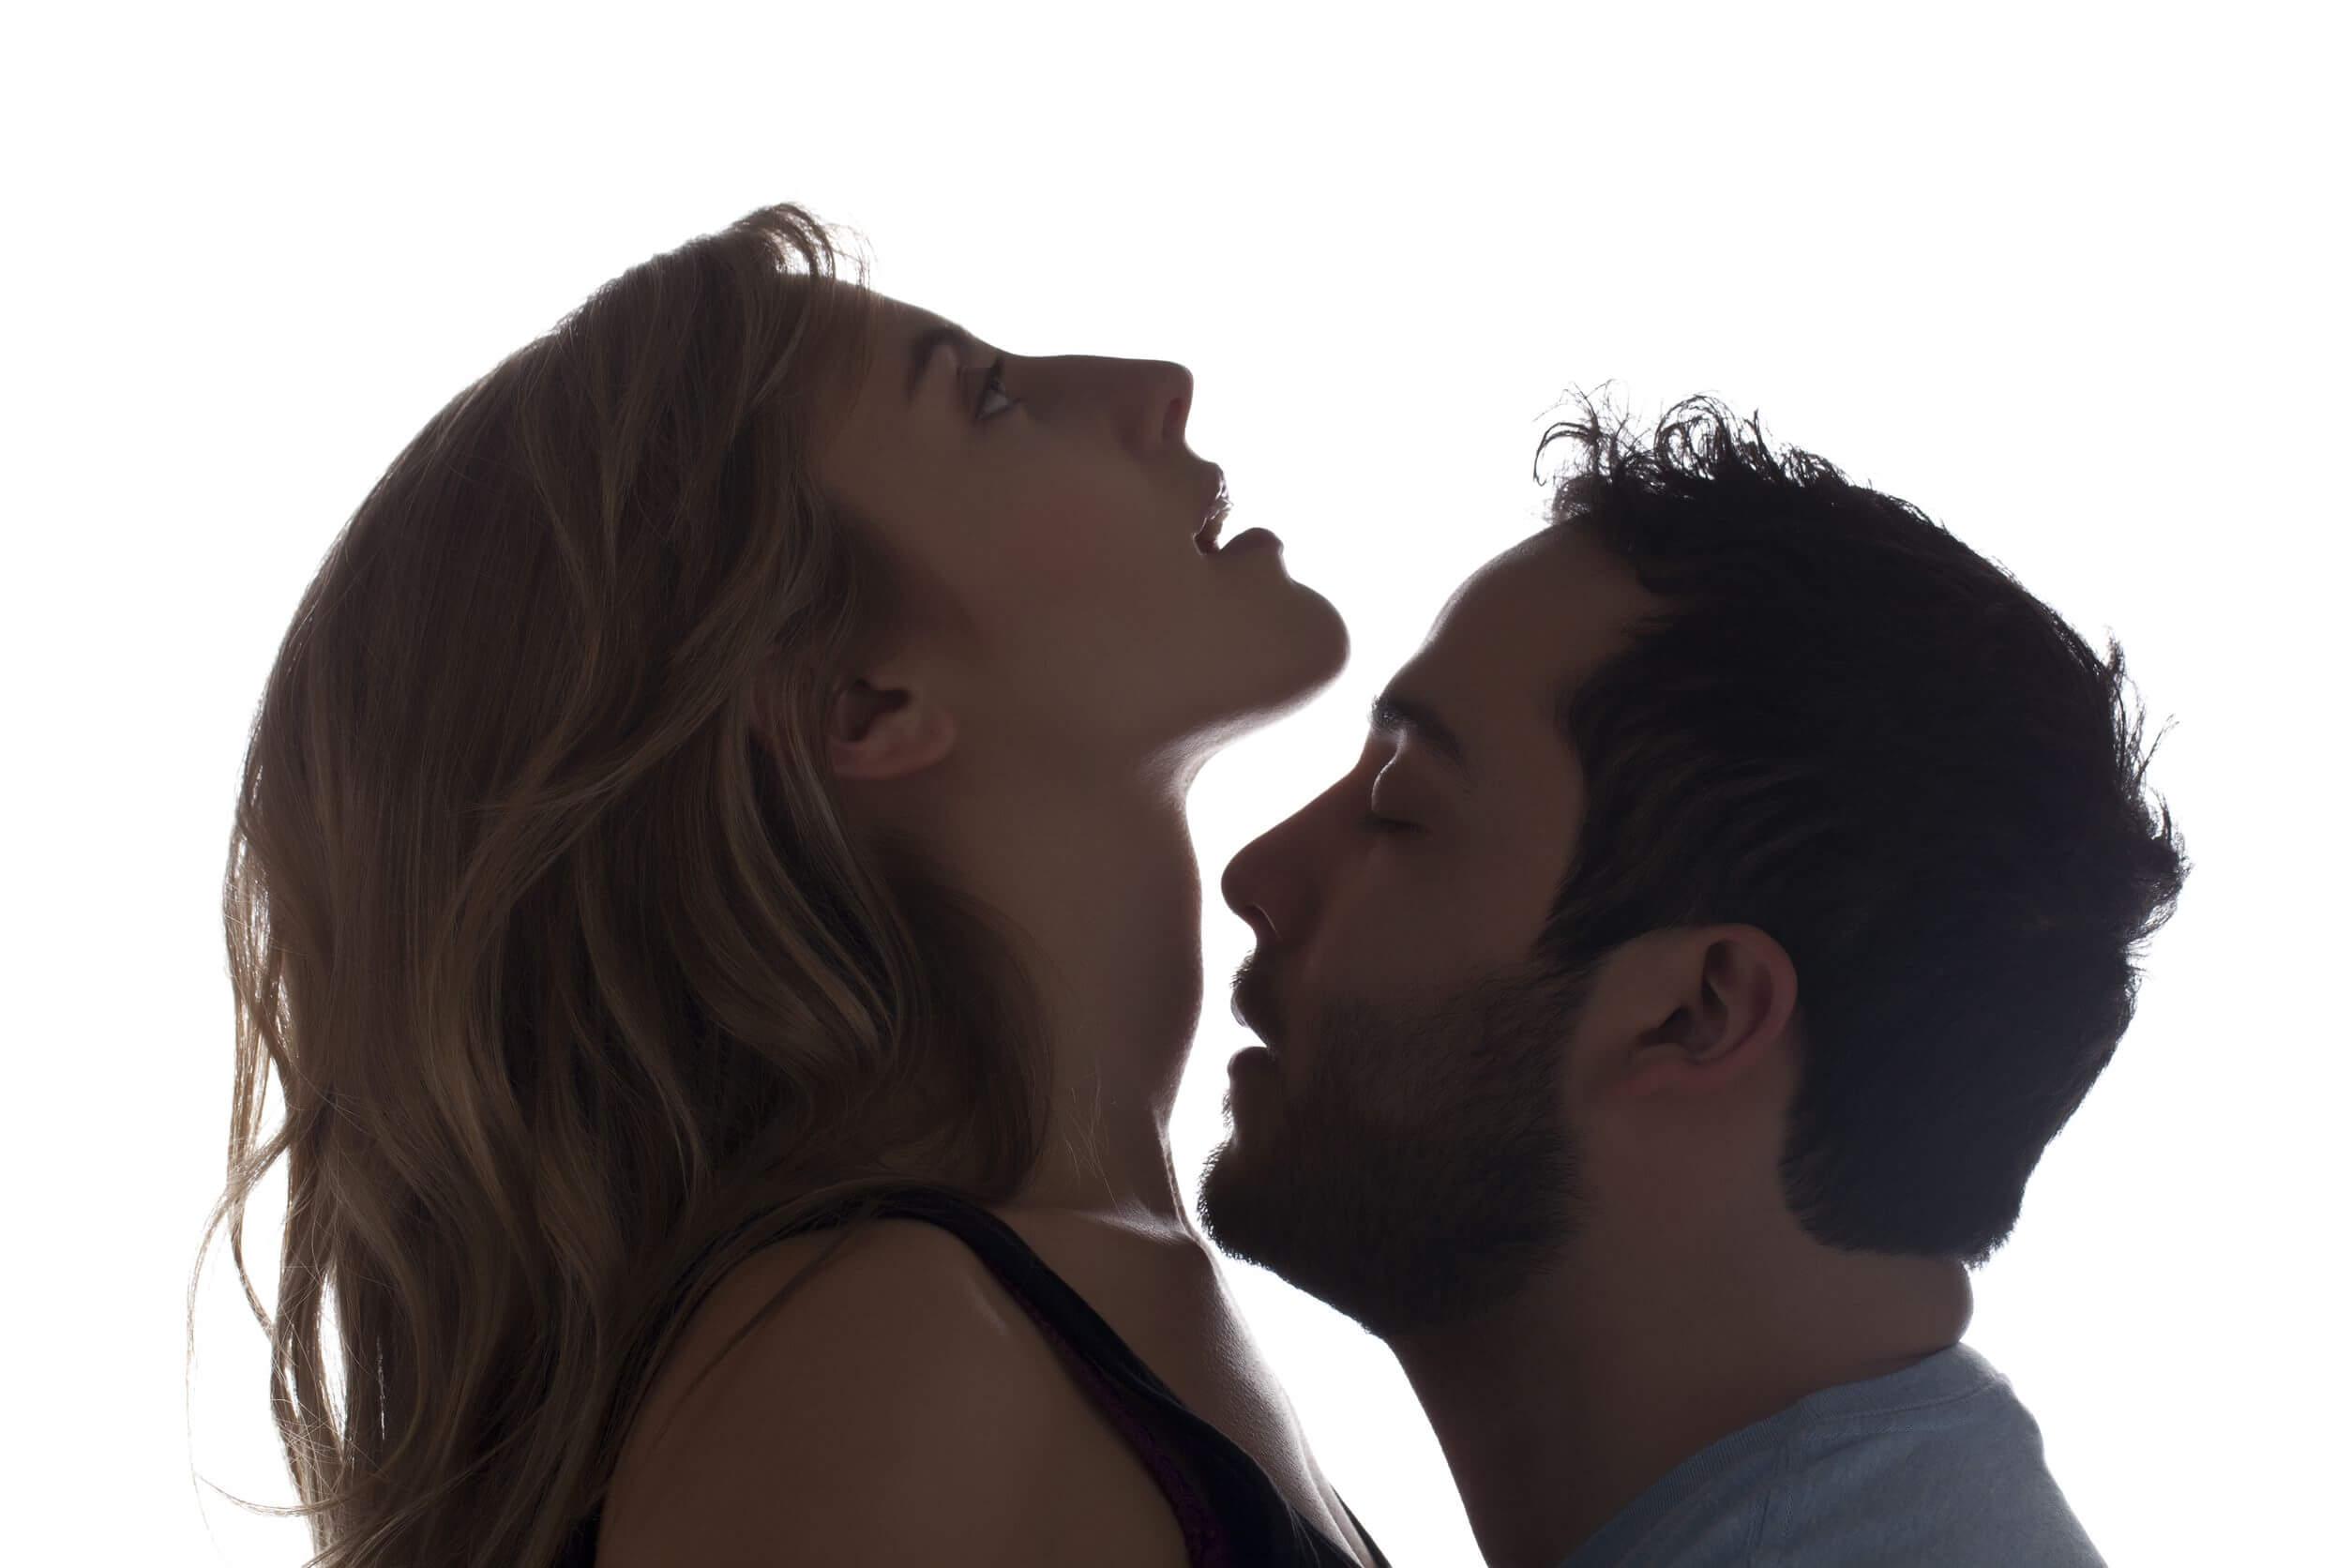 Hablar durante el sexo es beneficioso.